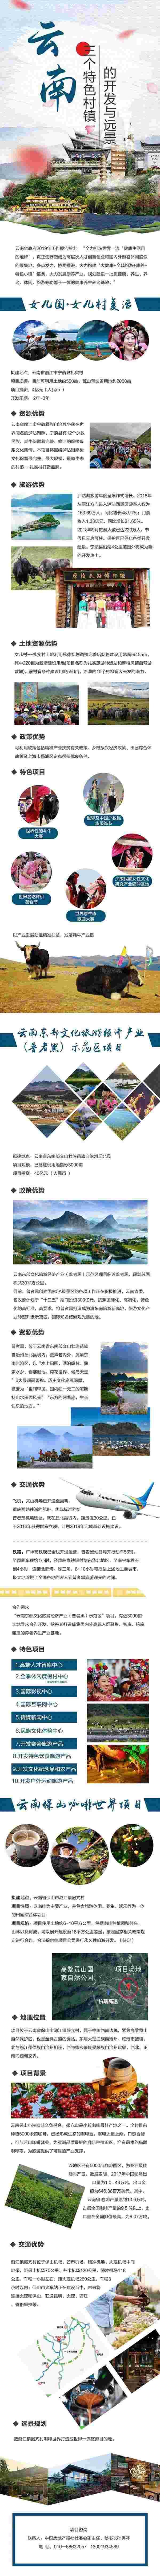 壮丽70年·奋斗新时代|高质量打造云南东部文化旅游经济产业(普者黑)示范区 ——中房报考察组考察纪实